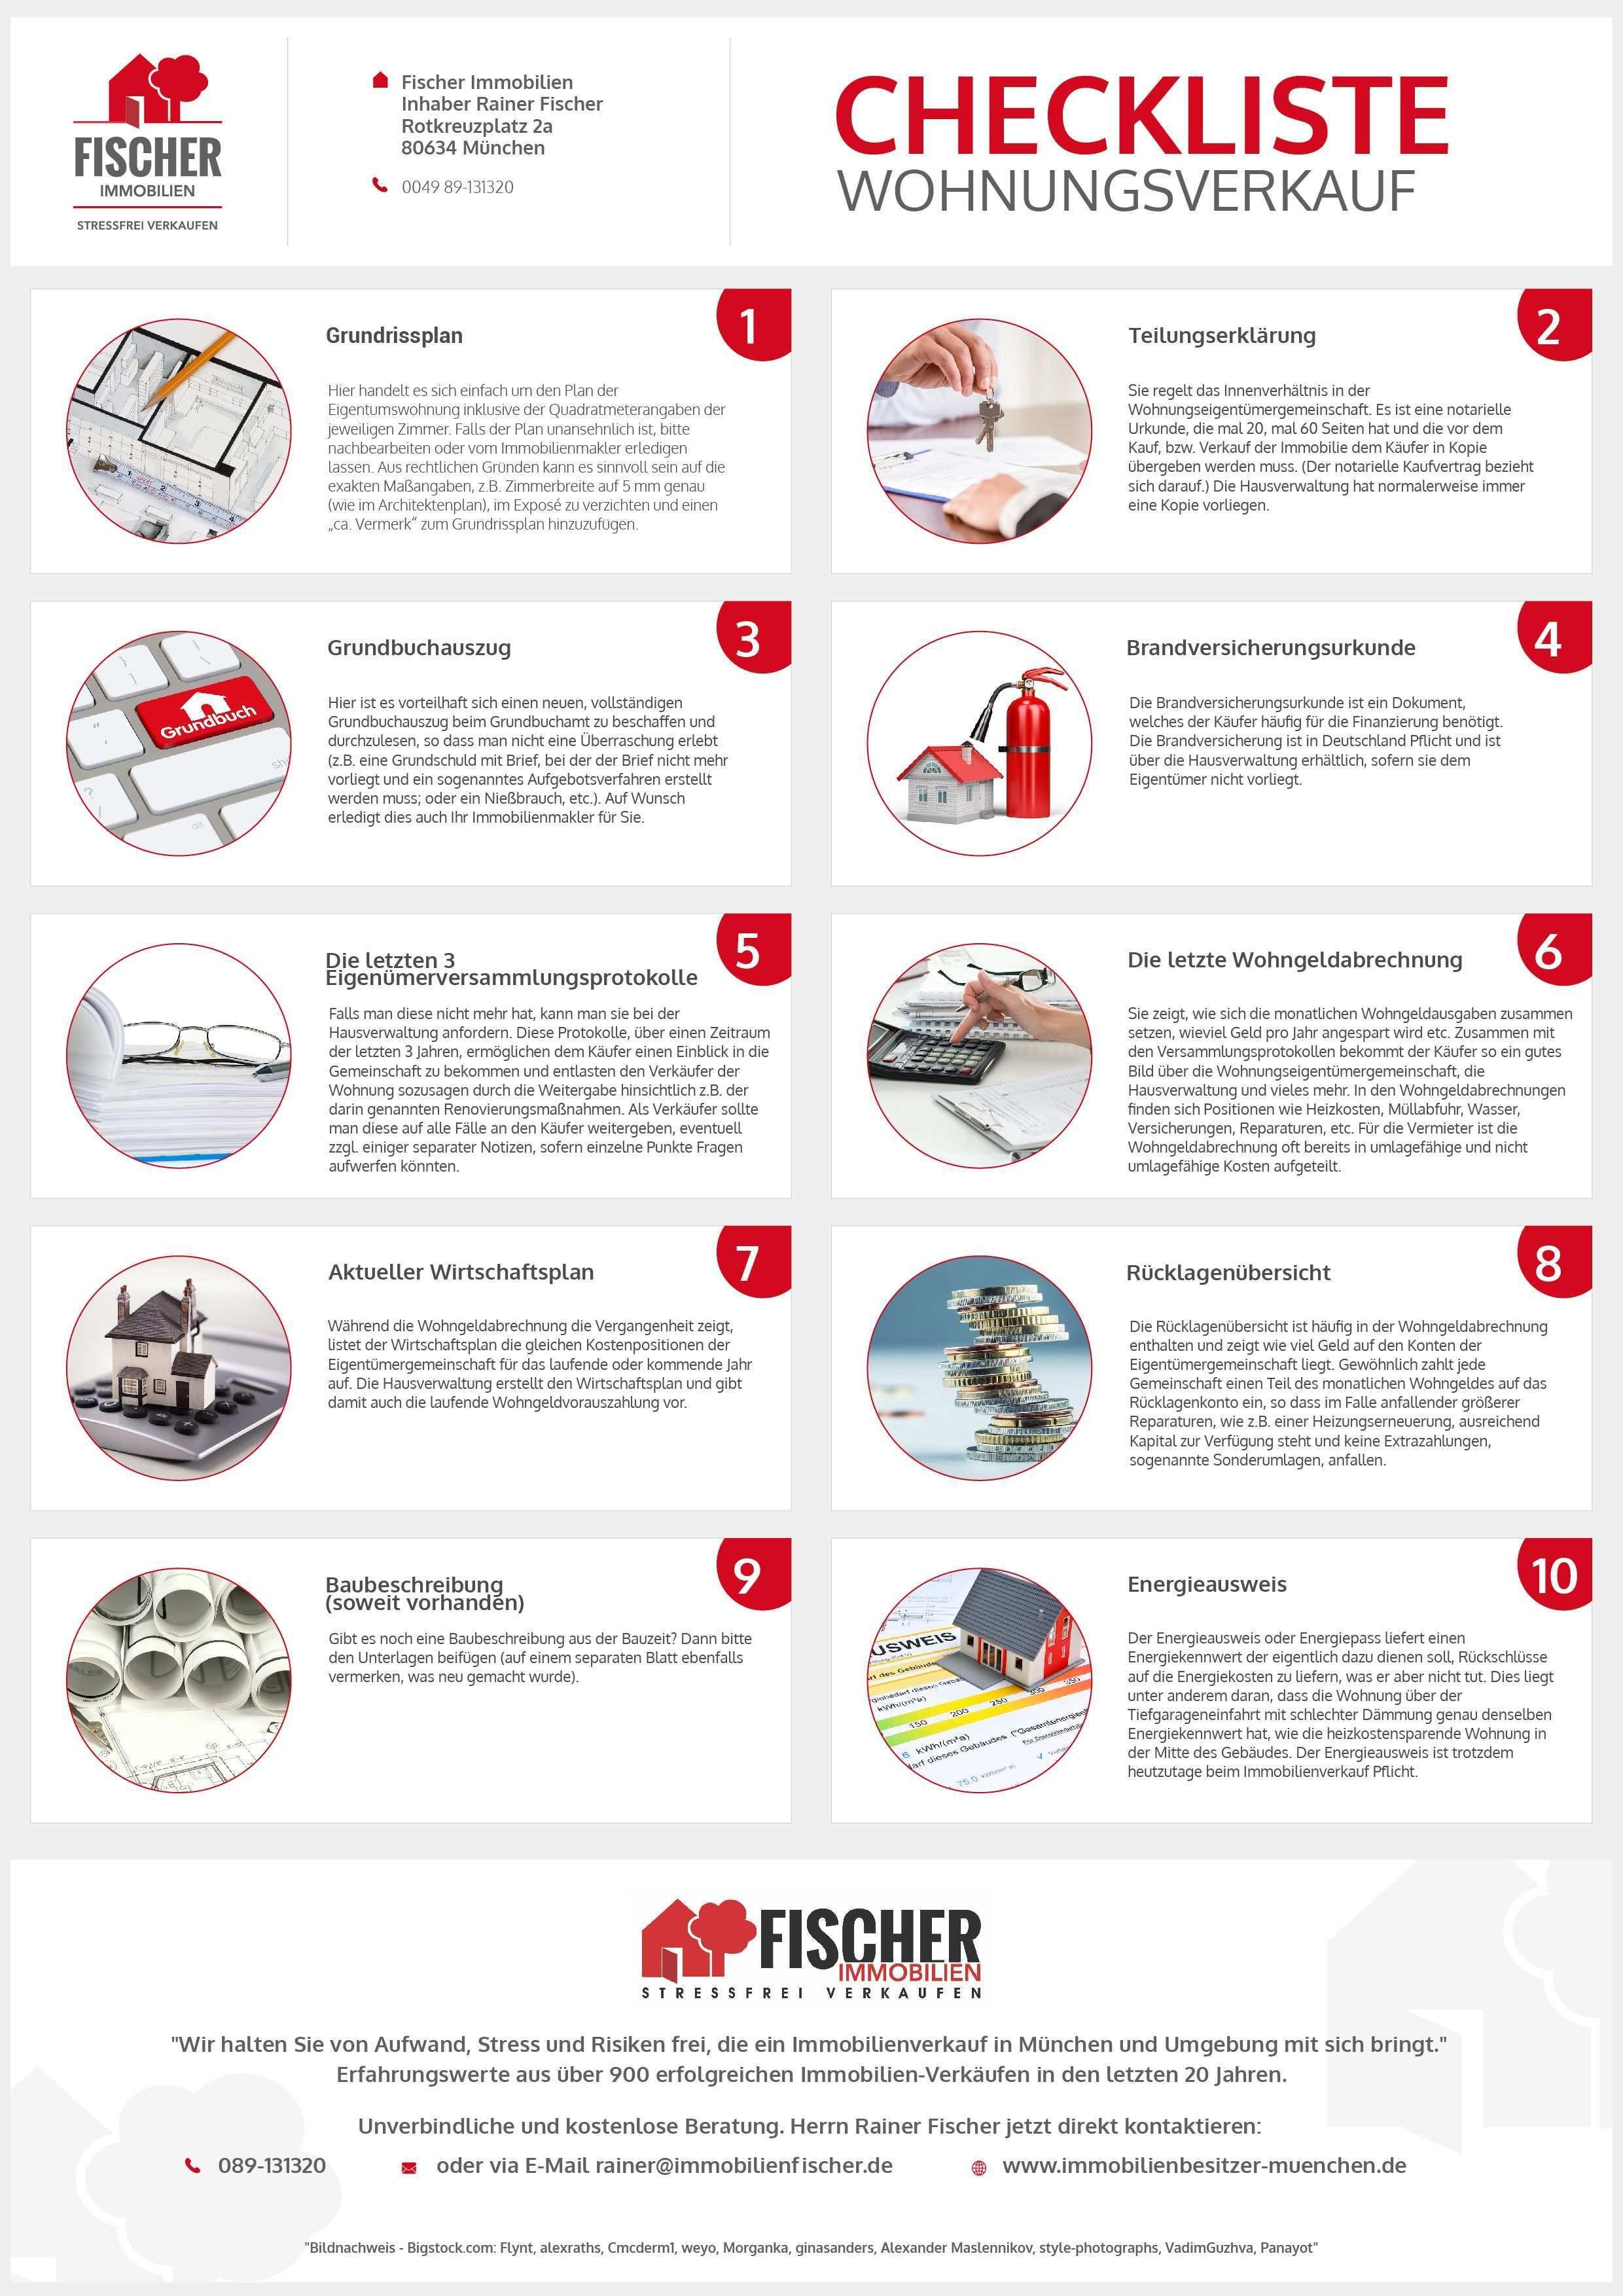 Checkliste Wohnungsverkauf Alle Wichtigen Unterlagen Immobilienmakler Munchen Immobilien Immobilienmakler